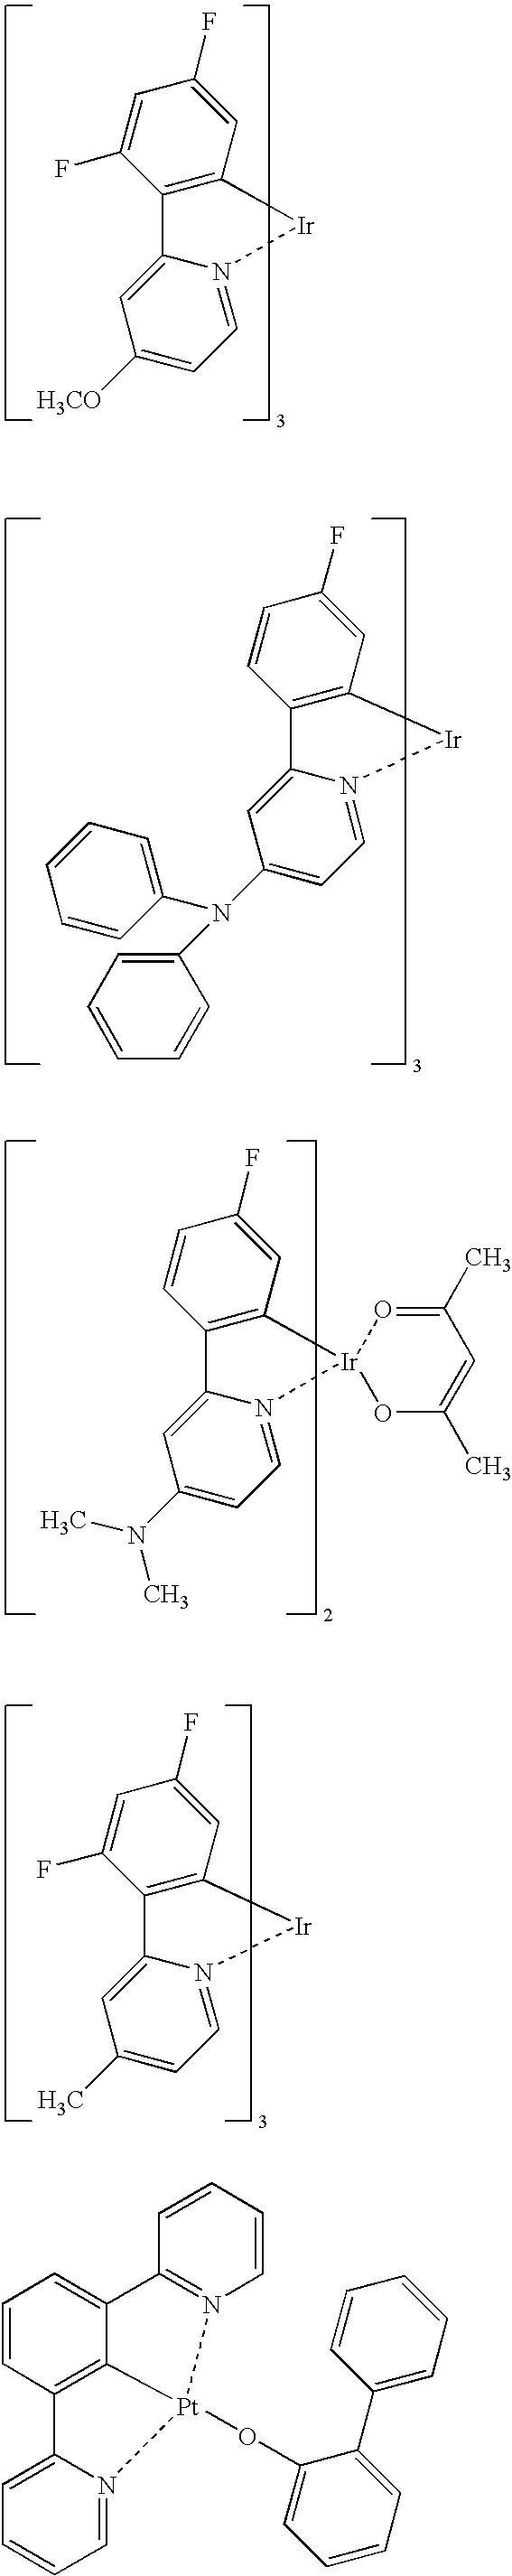 Figure US08779655-20140715-C00015